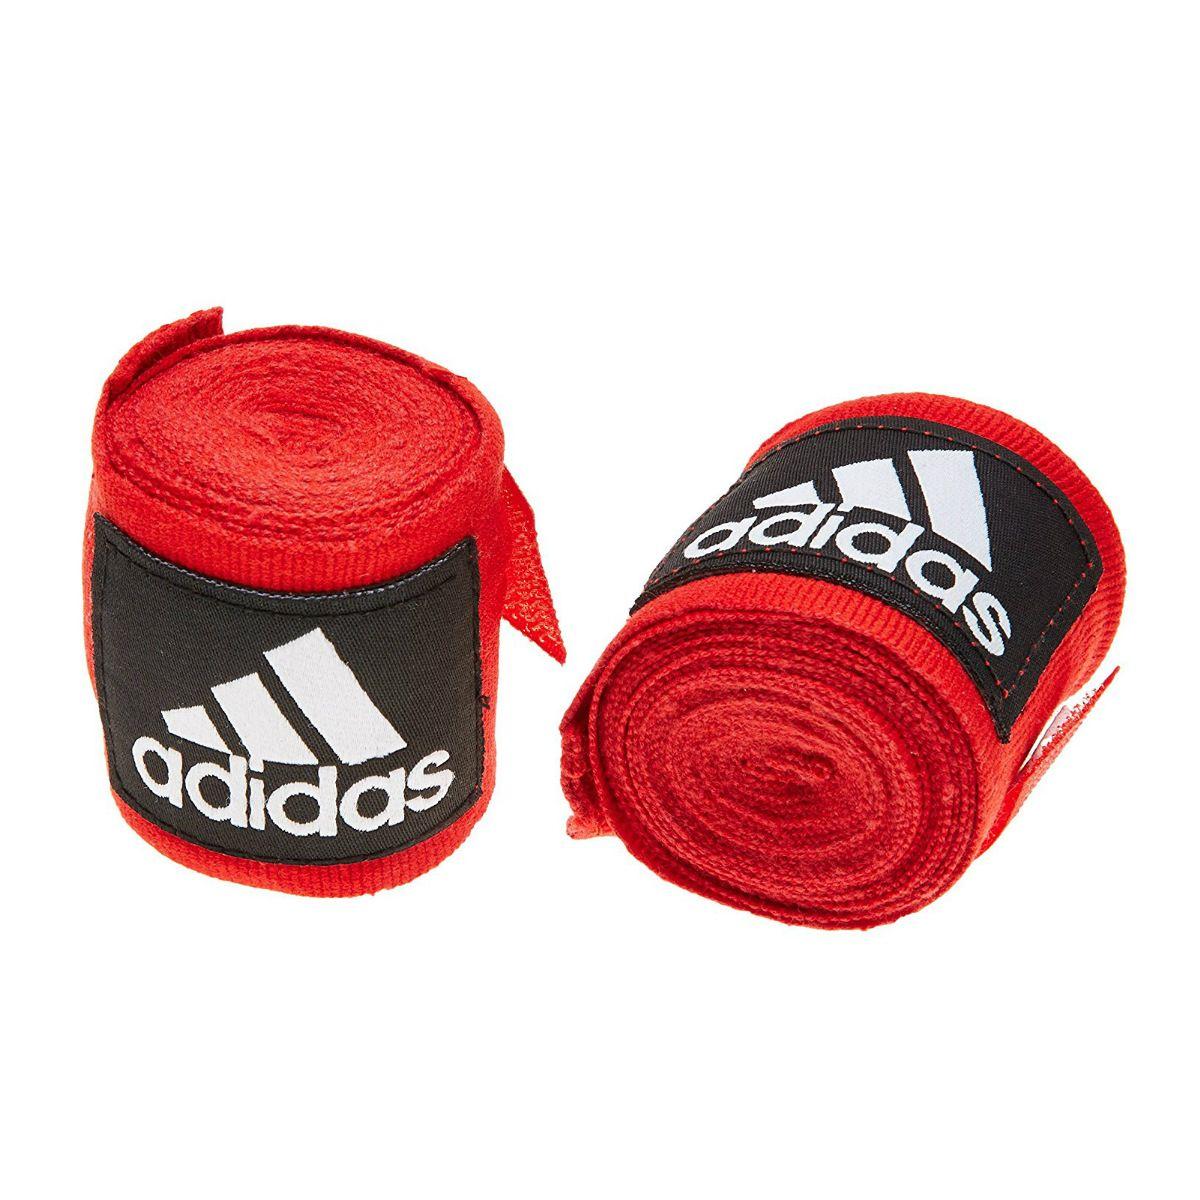 Bandagem Elástica adidas 4,5m Vermelha